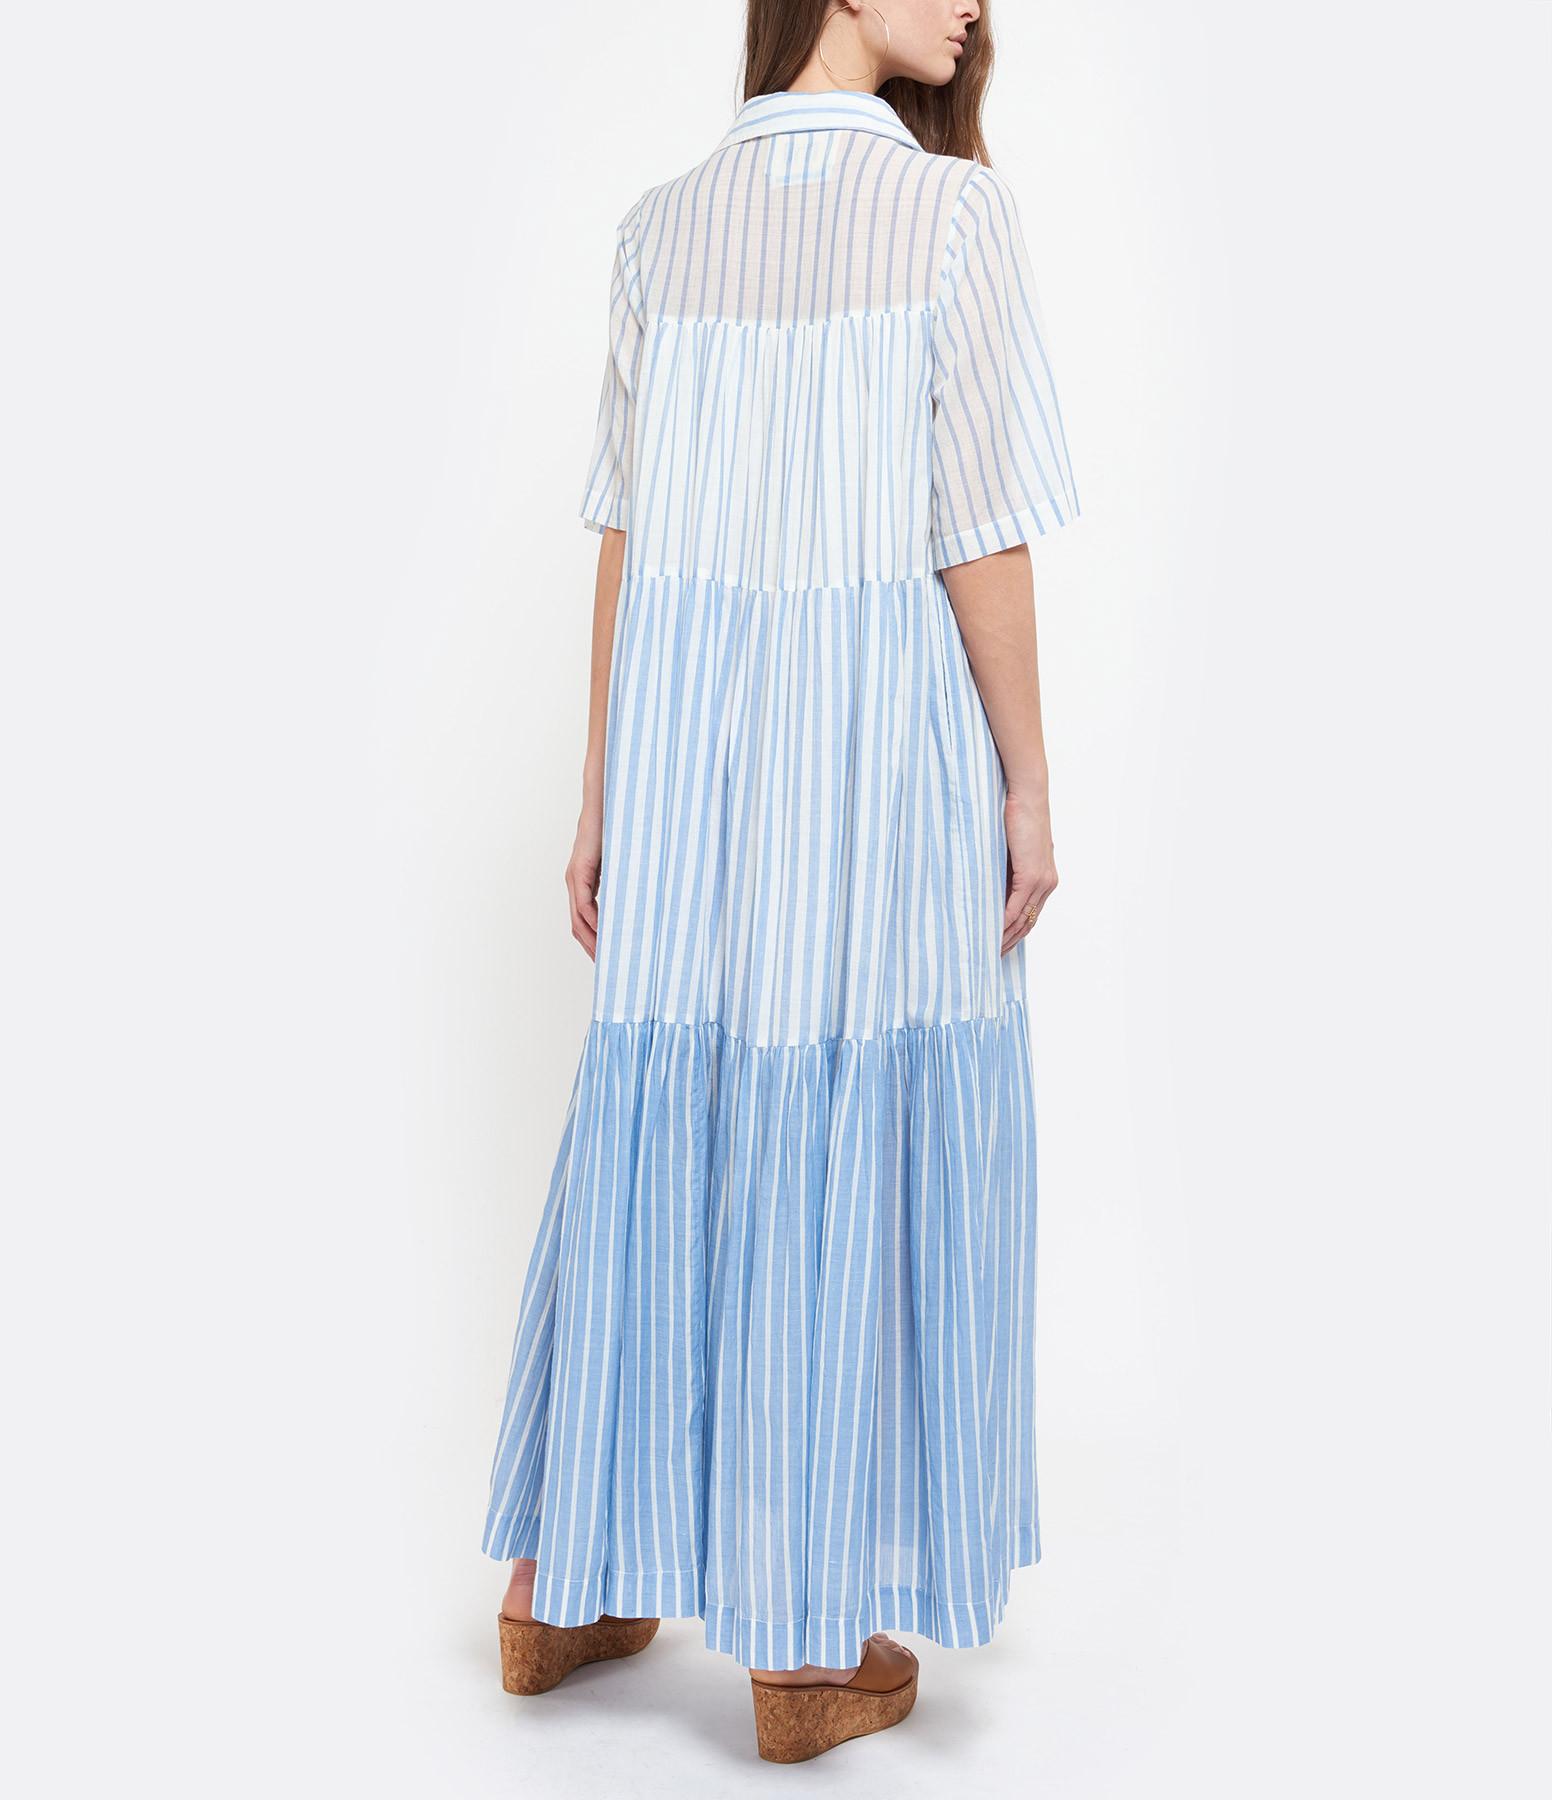 MII - Robe Rayures Coton Bleu